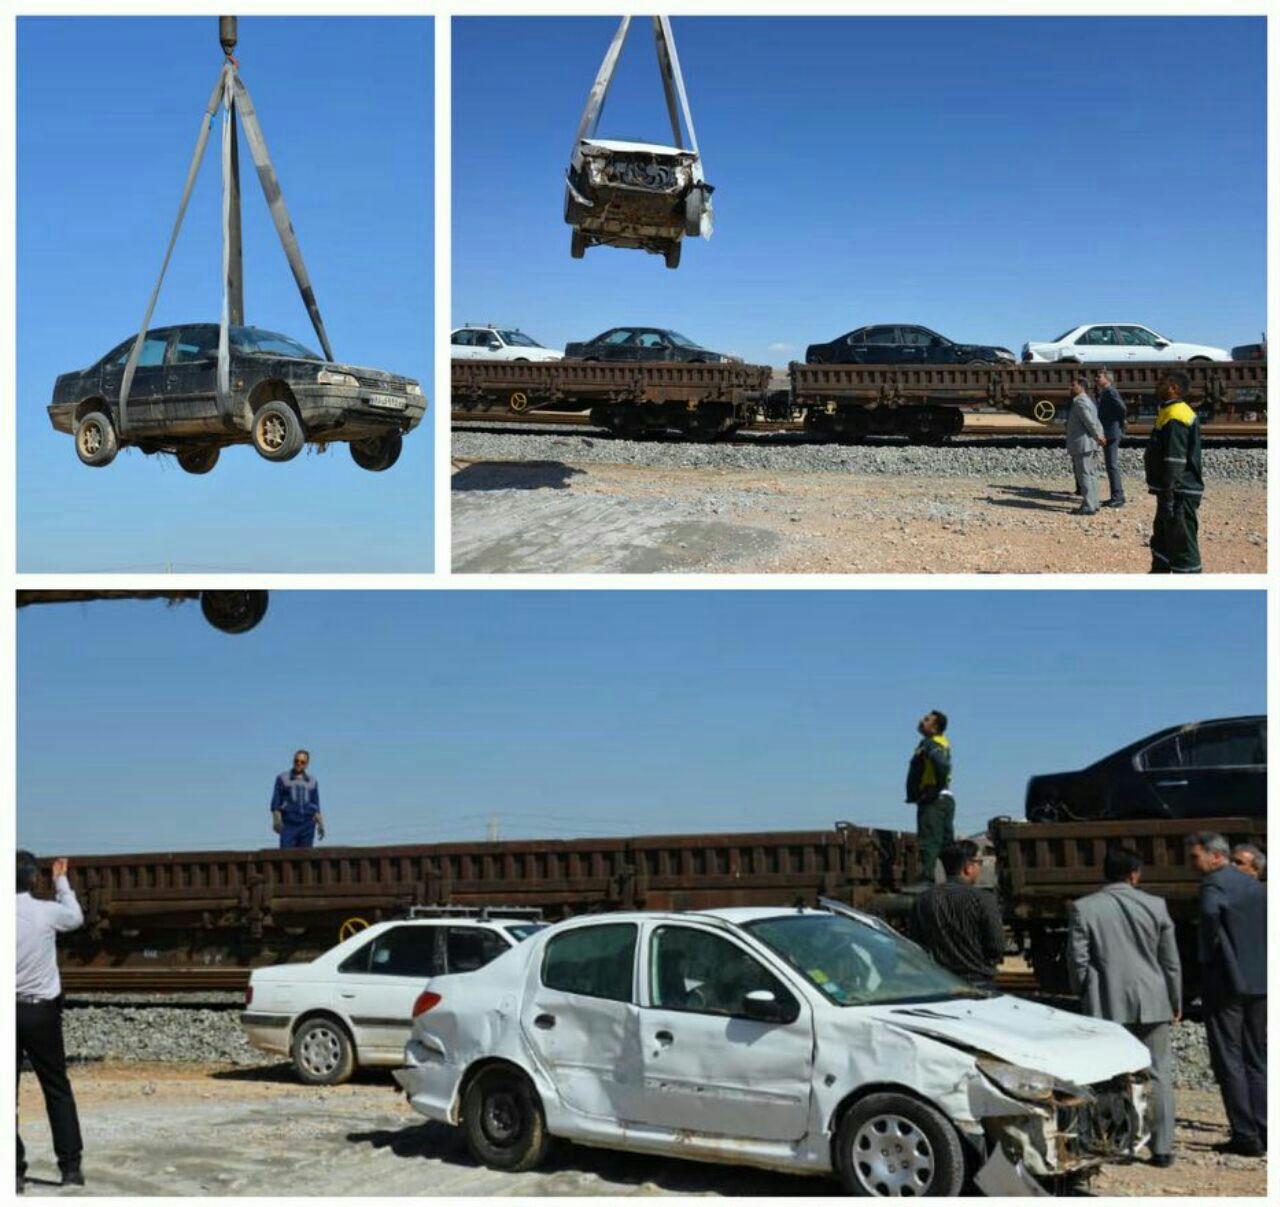 مسافرین و خودروهای آسیب دیده در سیل شیراز با قطار به مقاصدشان هدایت شدند + تصاویر